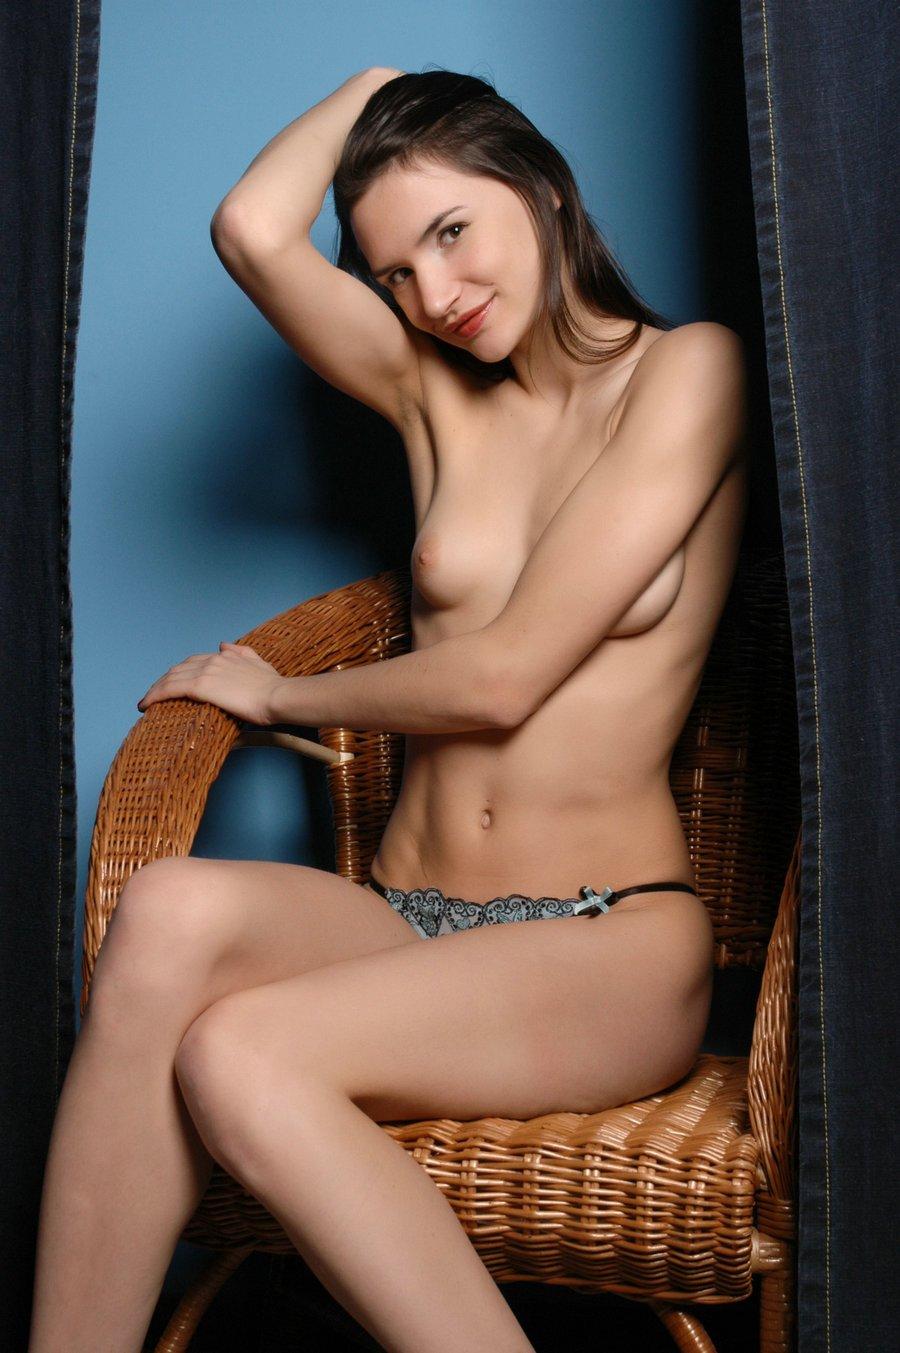 蓝色背景棚拍藤椅上的长头发嫩模